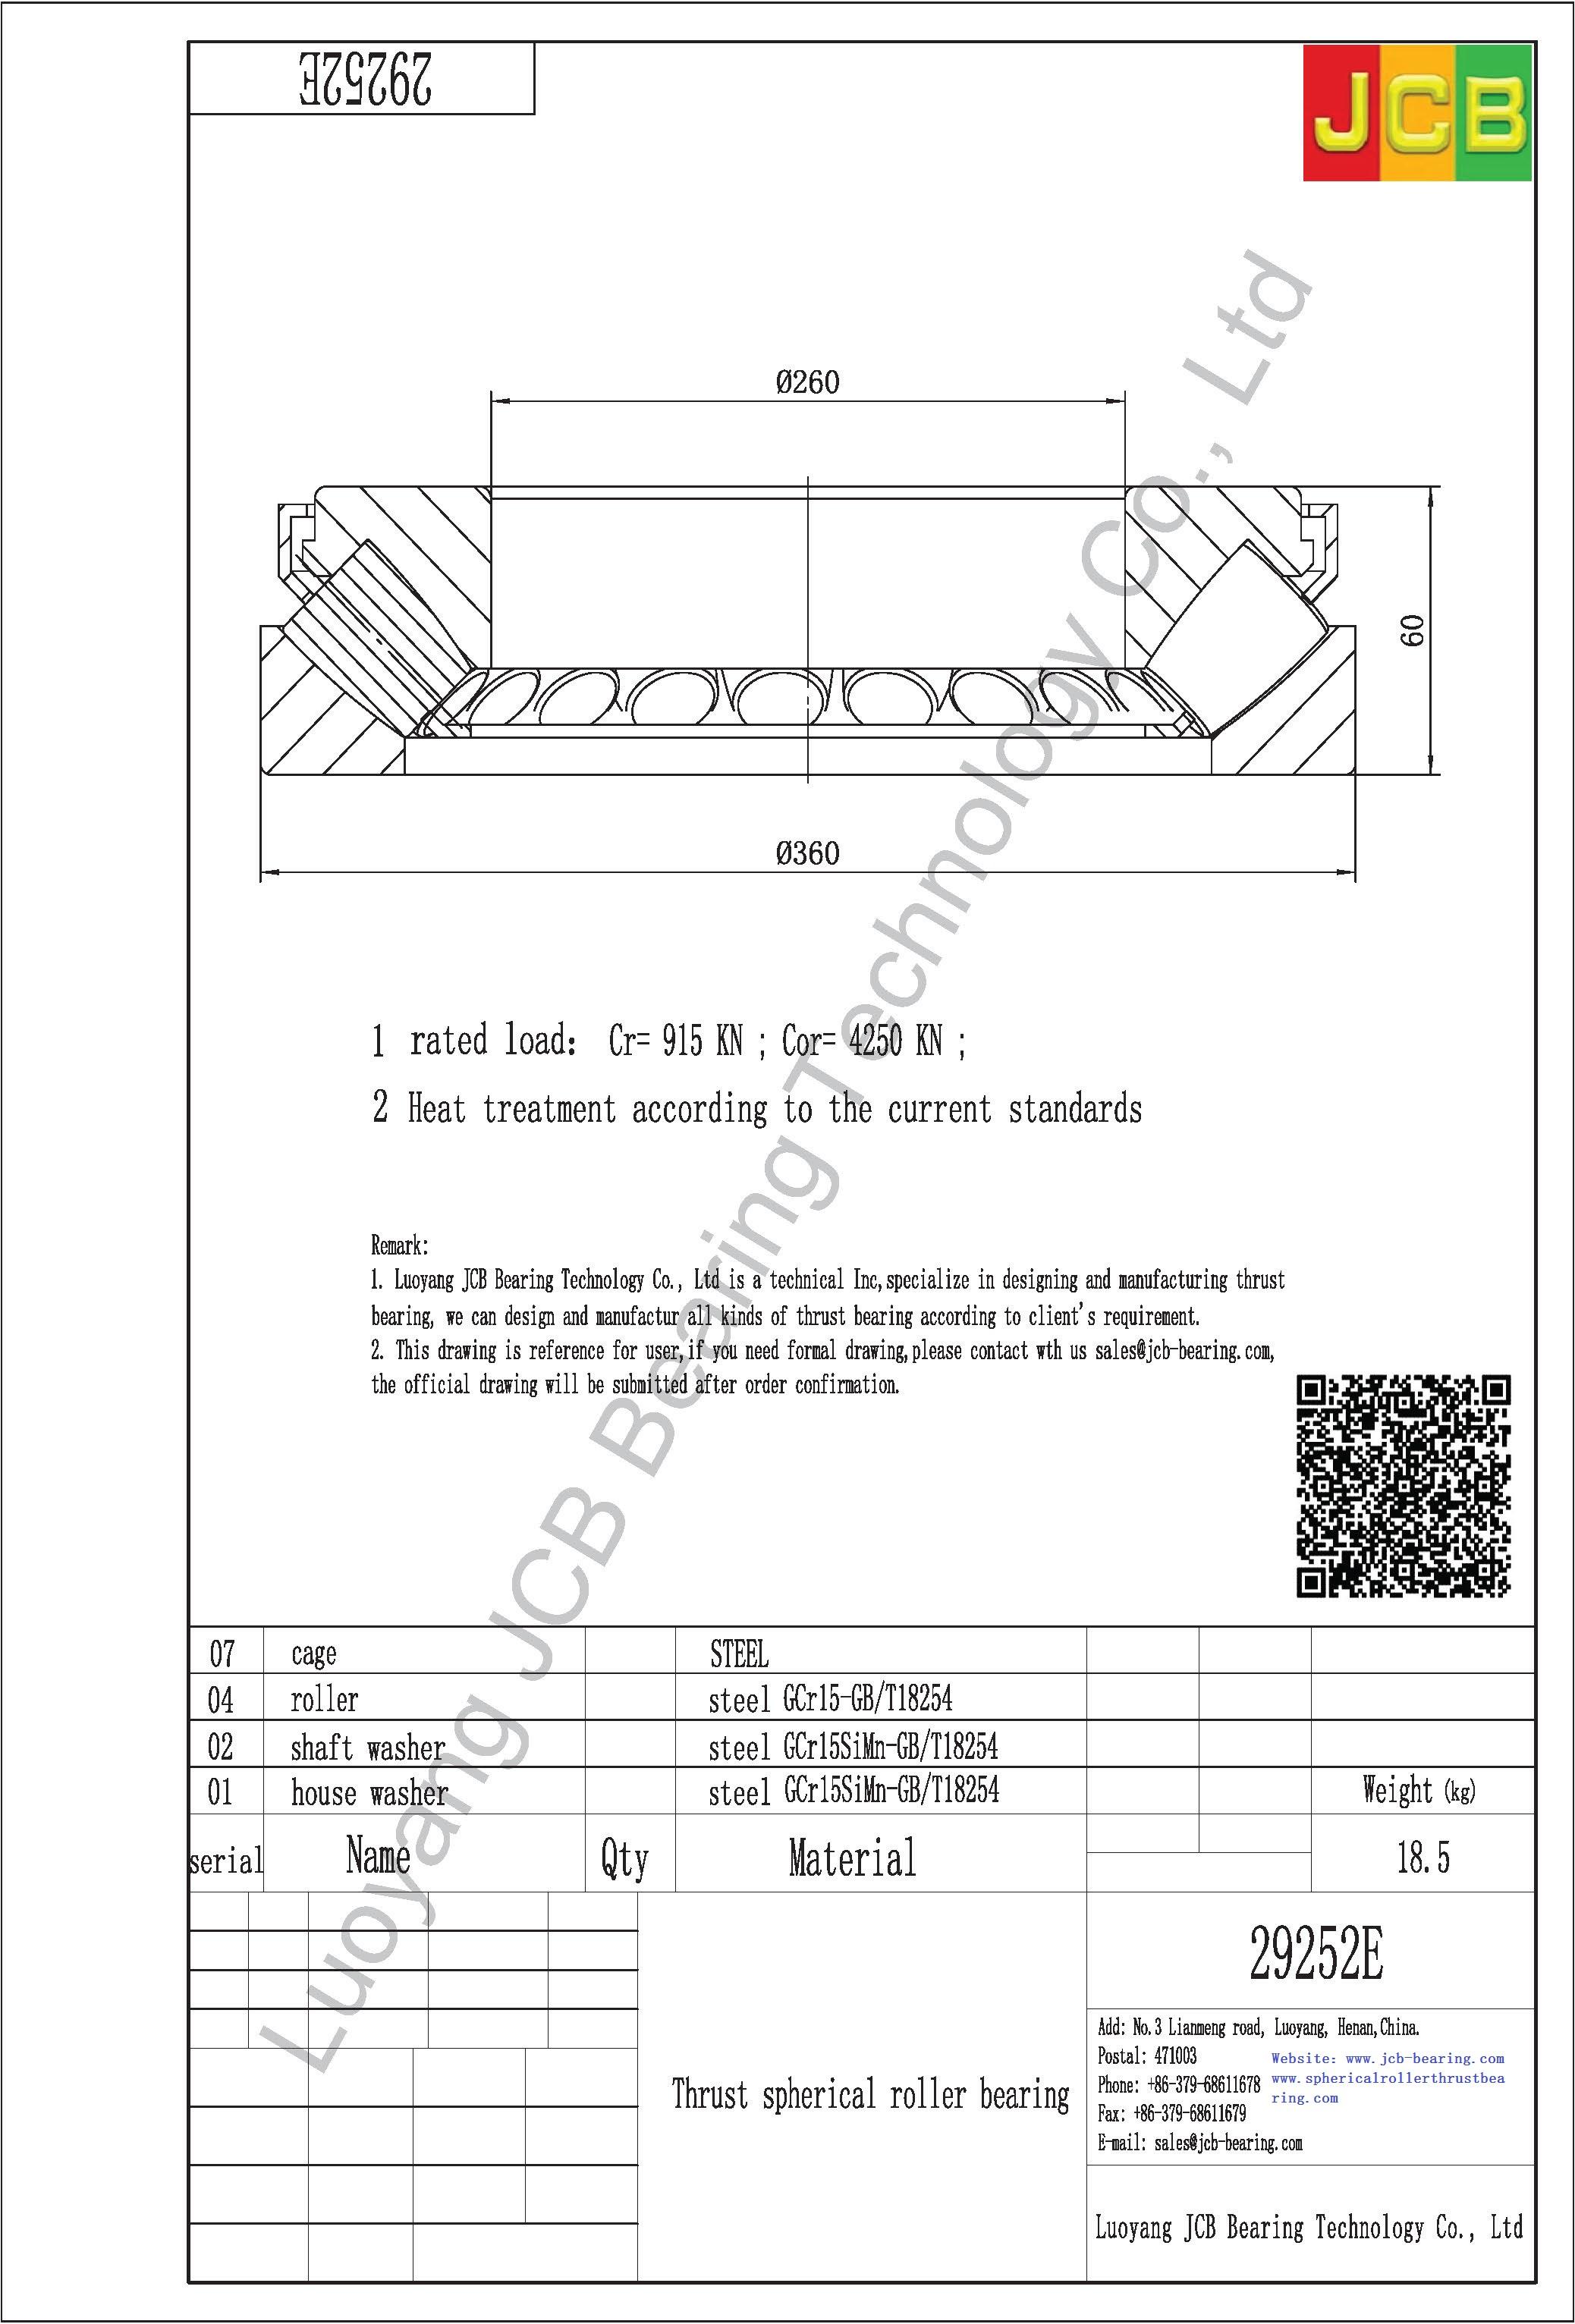 29252 E spherical roller thrust bearing